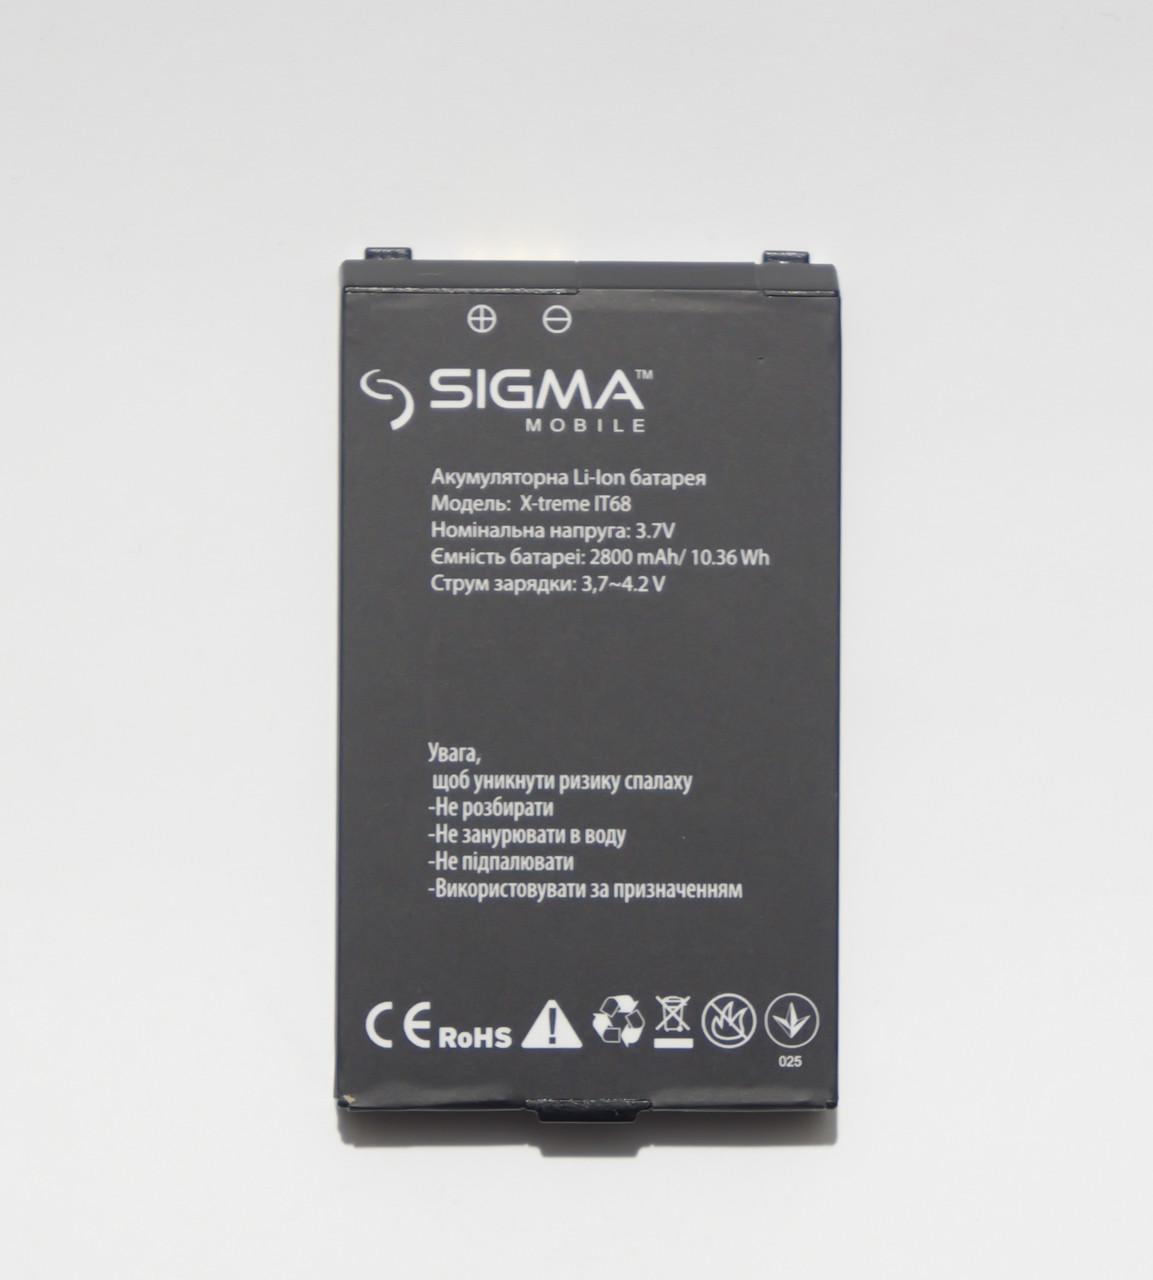 Оригинальная батарея для Sigma X-treme IT68 - 2800 mAh